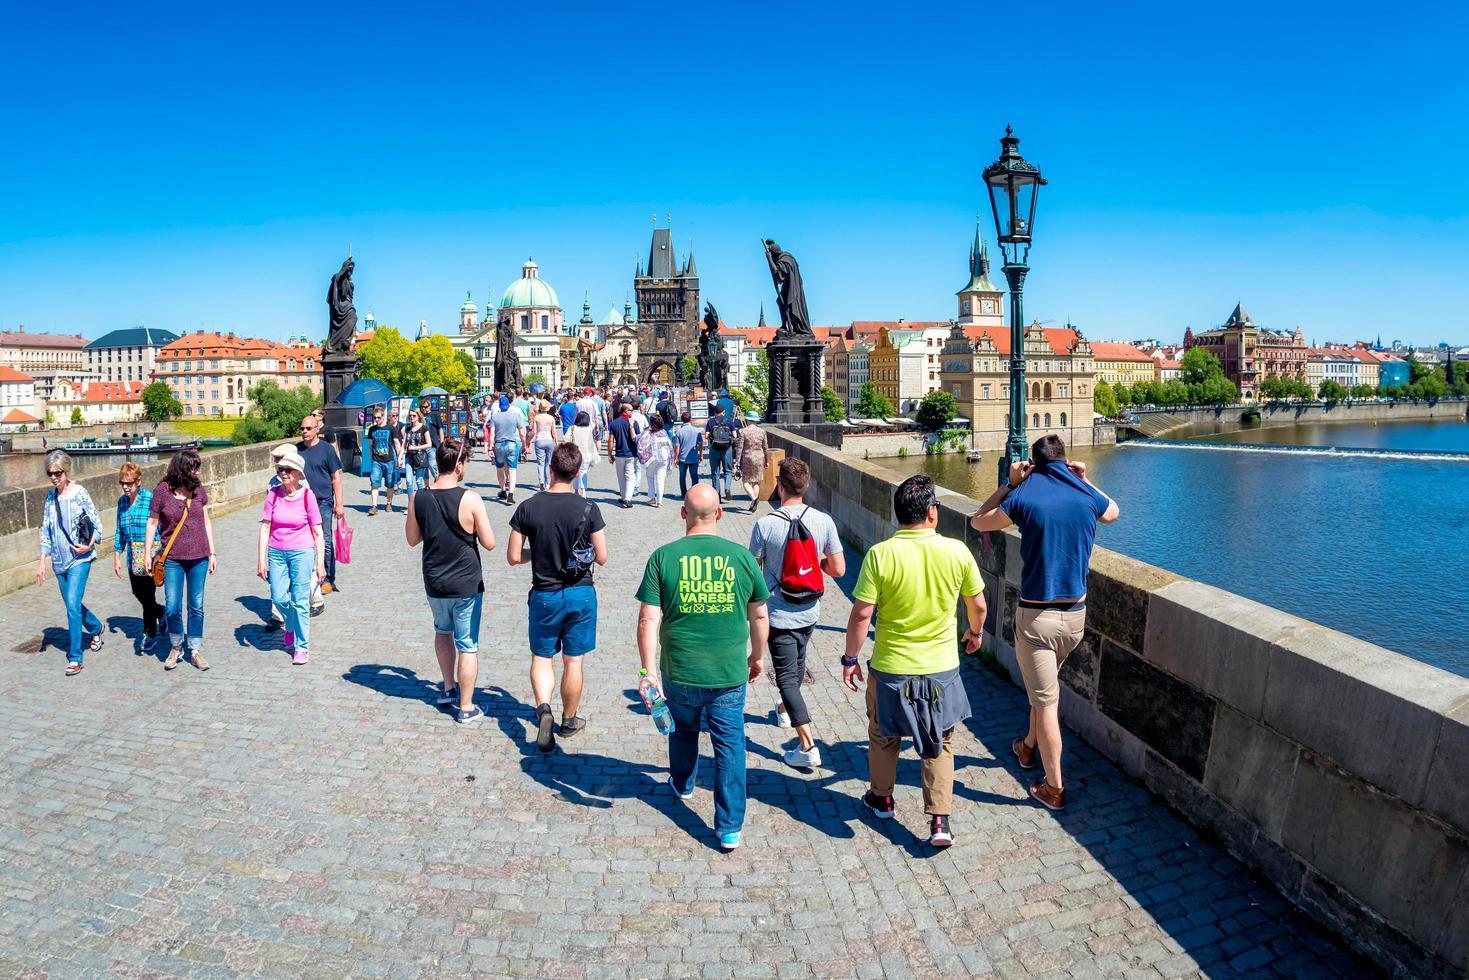 2017 Prague, République tchèque - touristes marchant le long du pont Charles tout en visitant photo